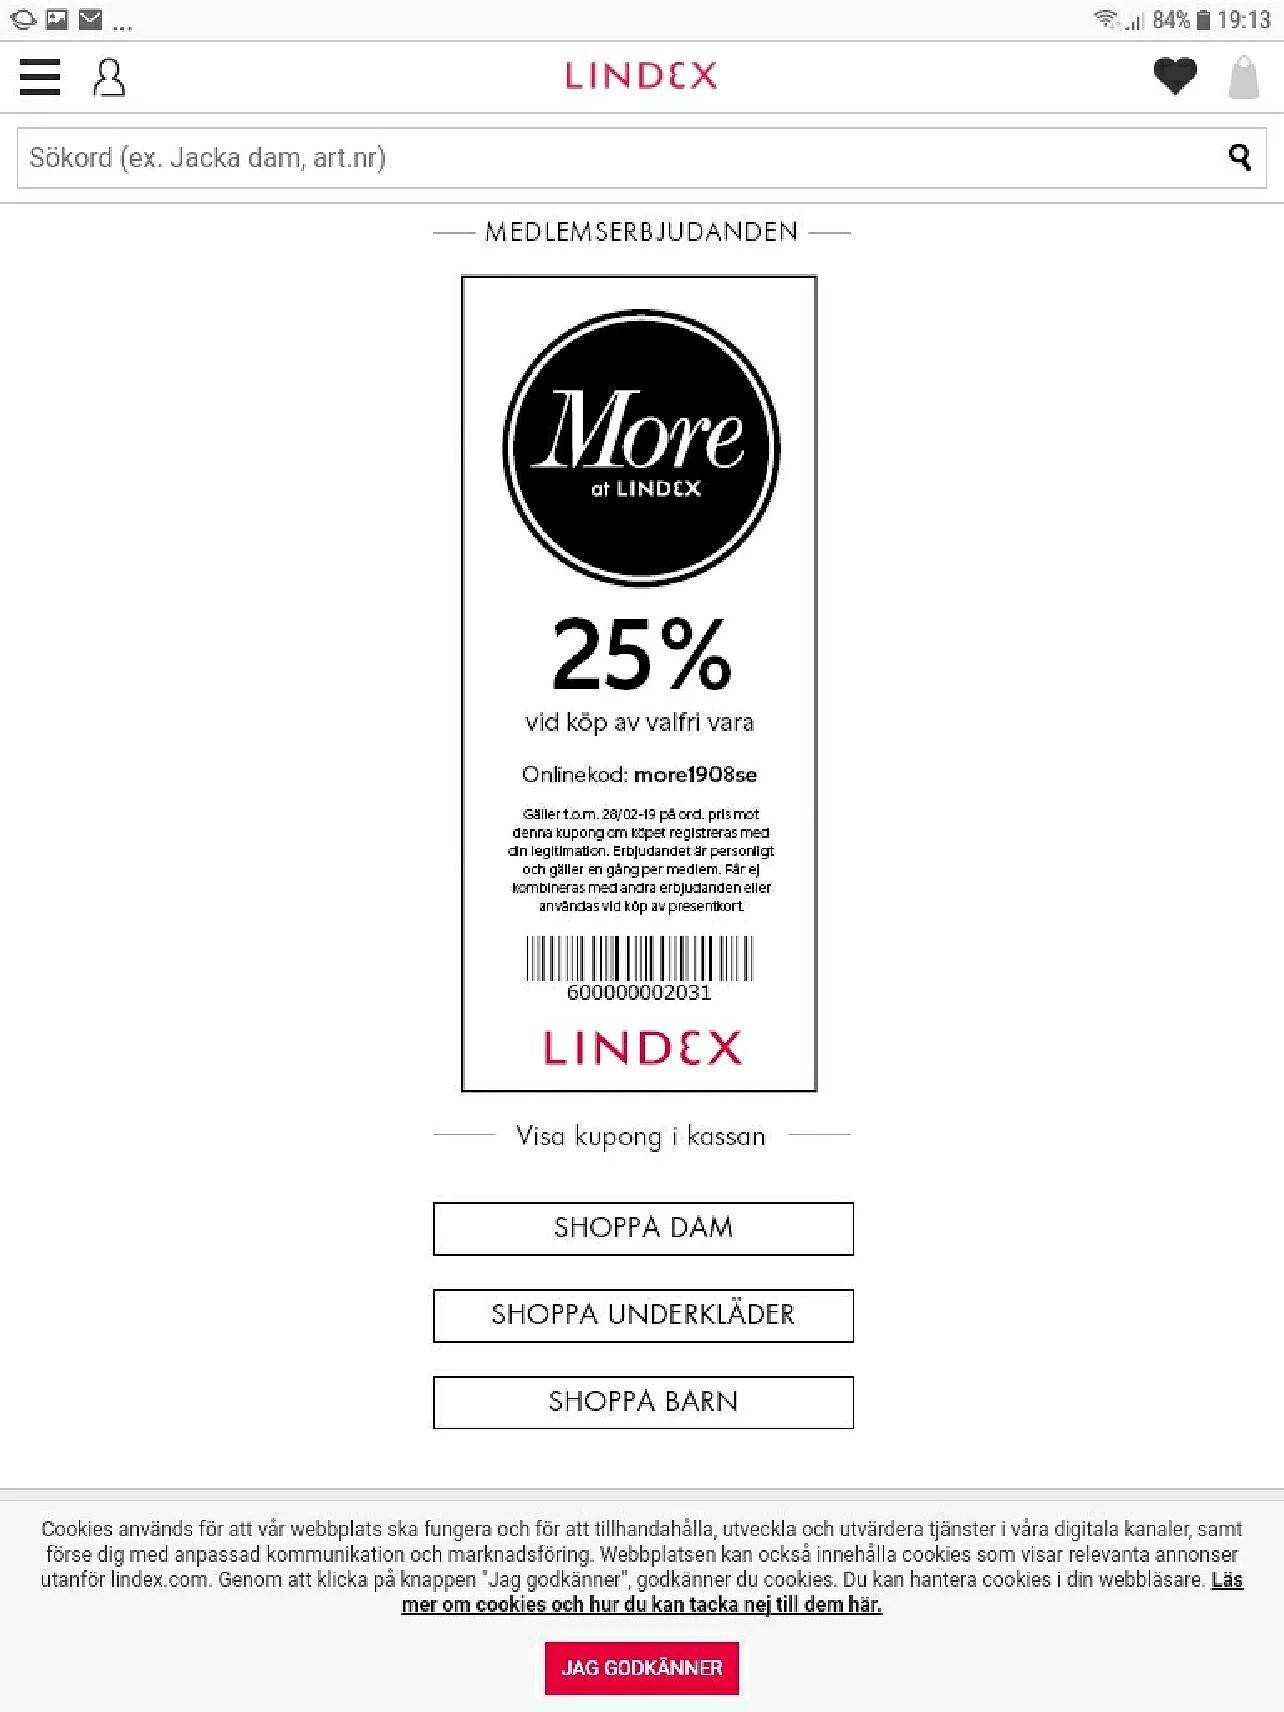 Lindex 25% rabatt på en valfri vara